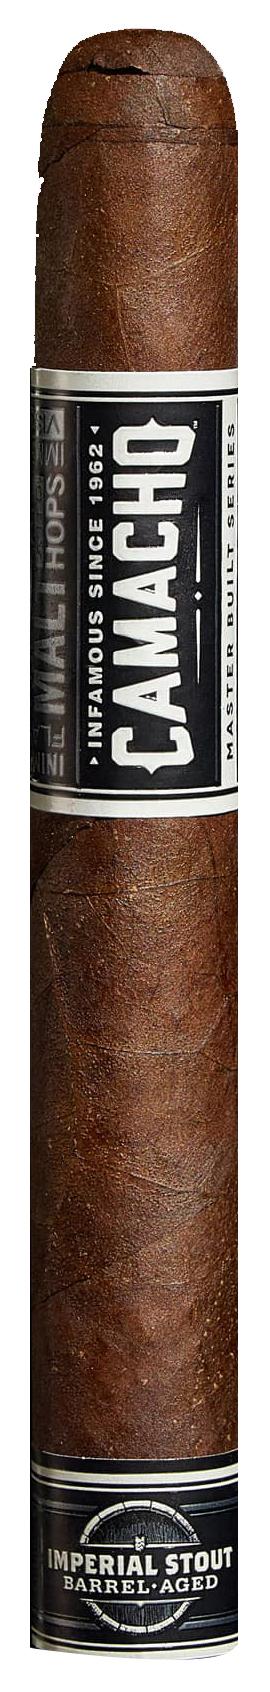 Cigar Dojo Camacho Imperial Stout Barrel Aged